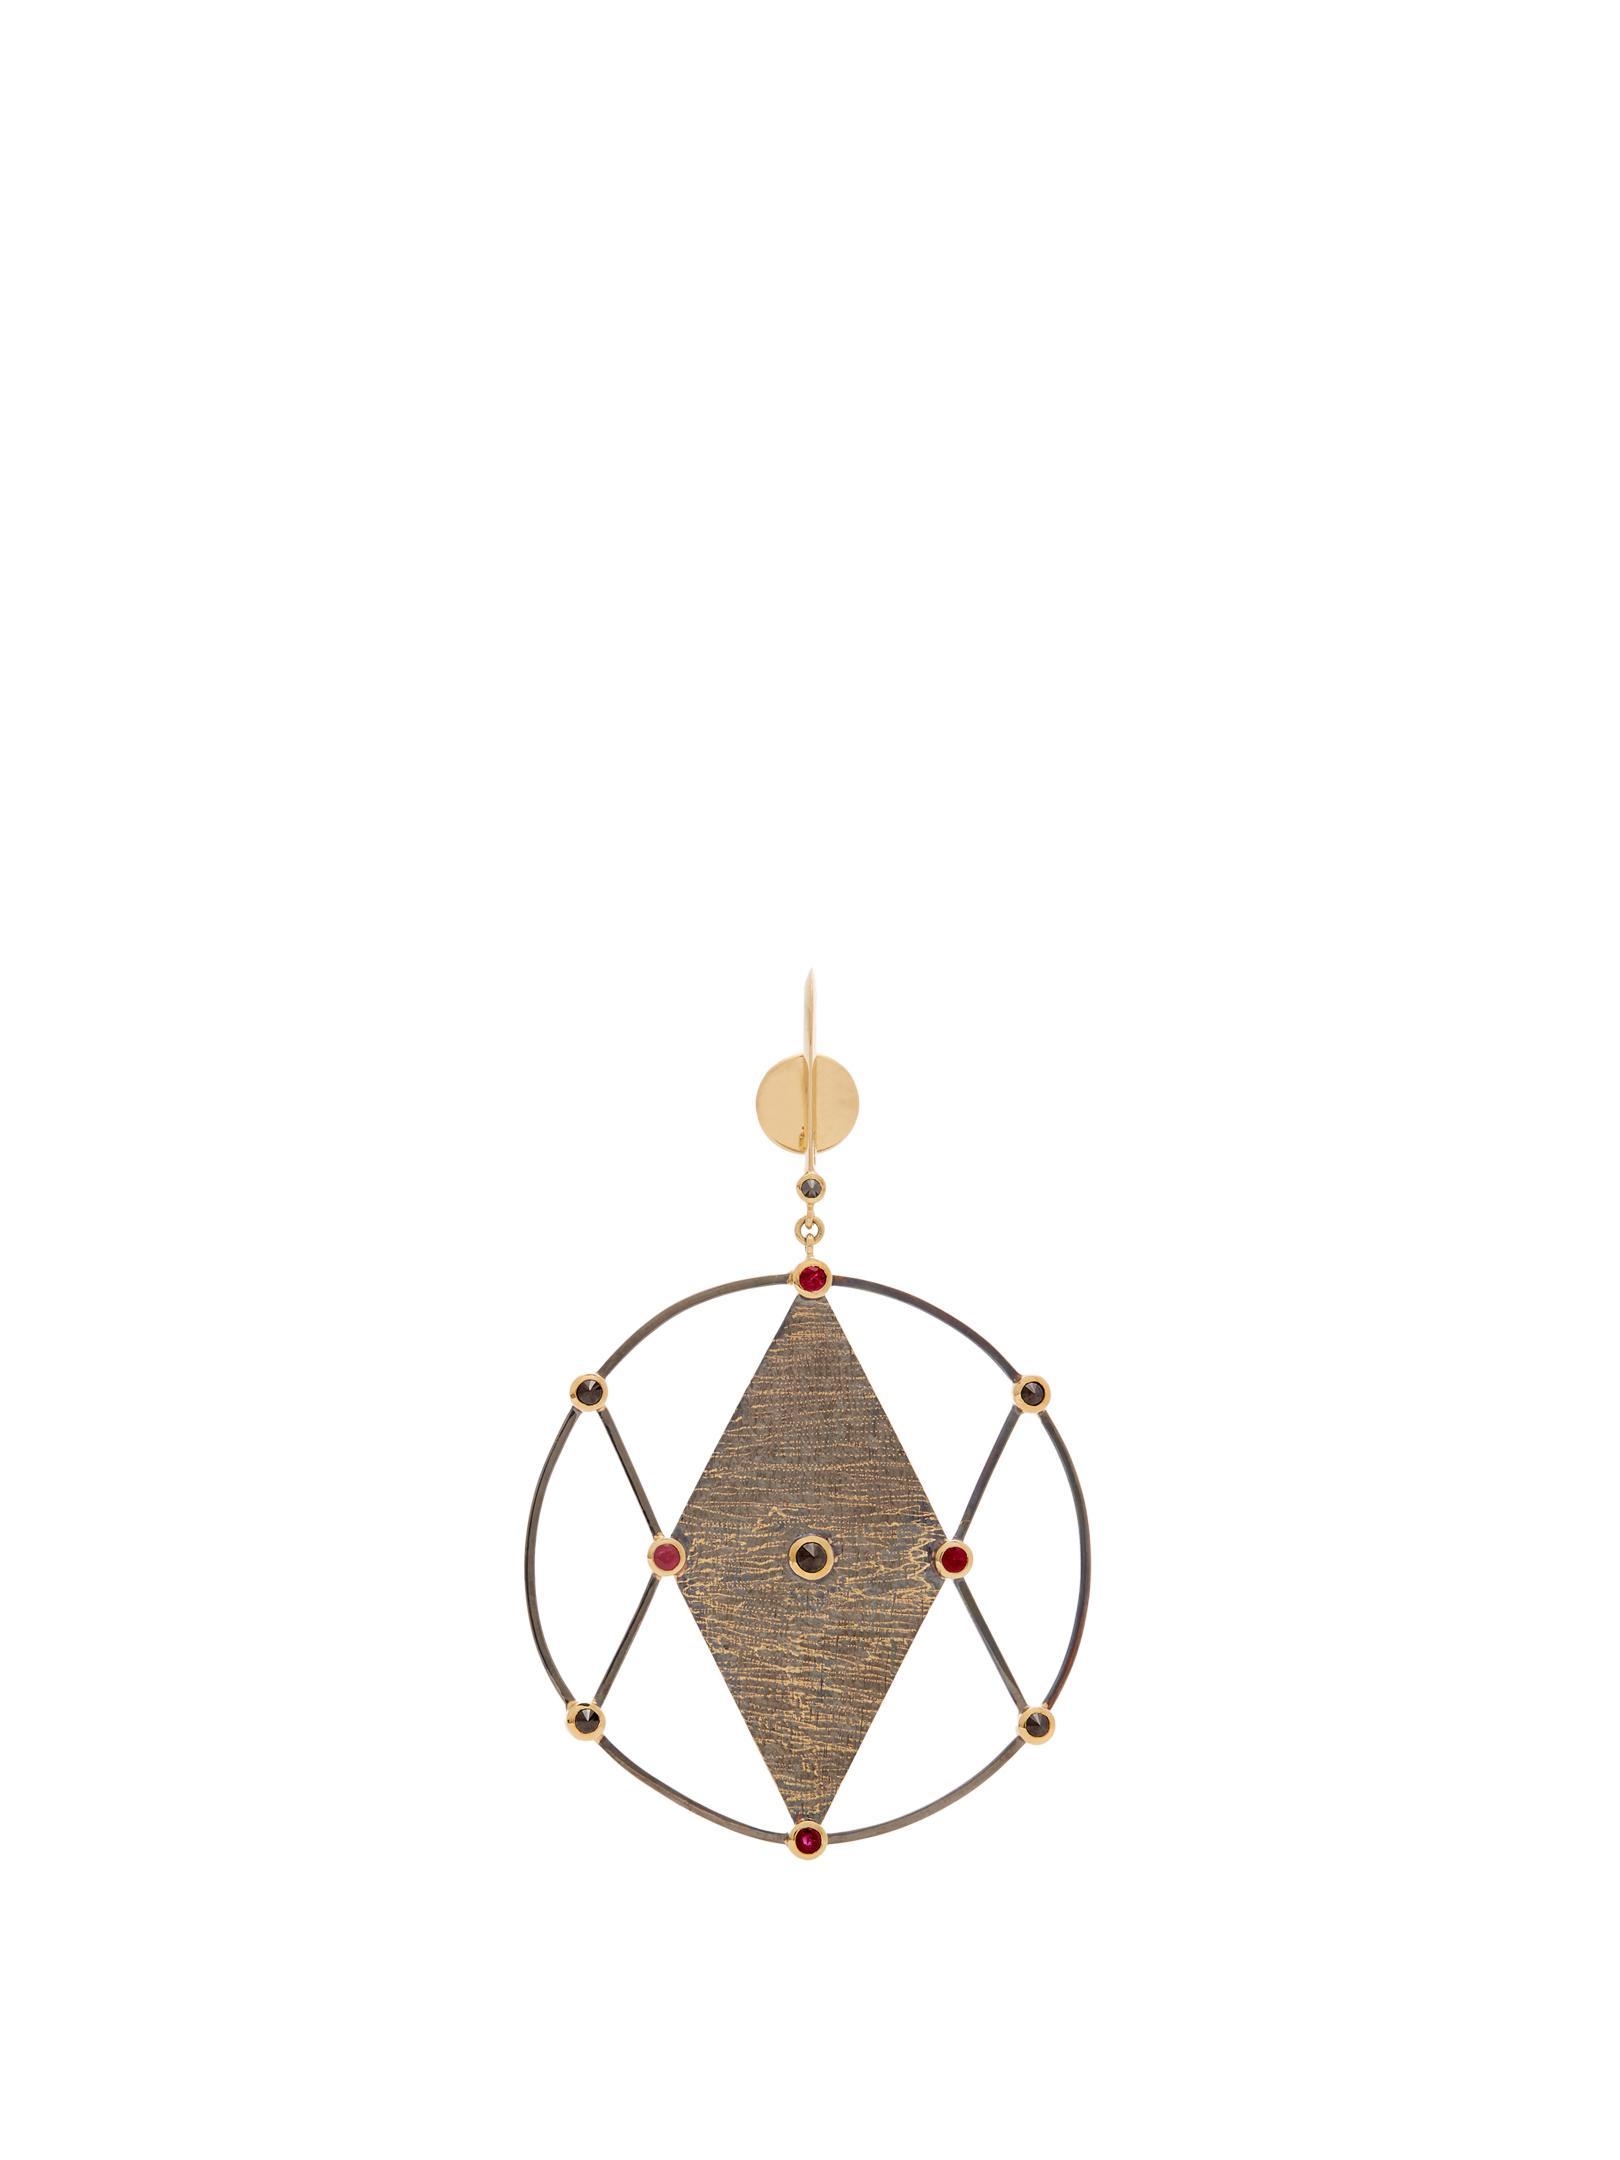 Ara Vartanian X Kate Moss diamond & gold single earring BRlzzEN